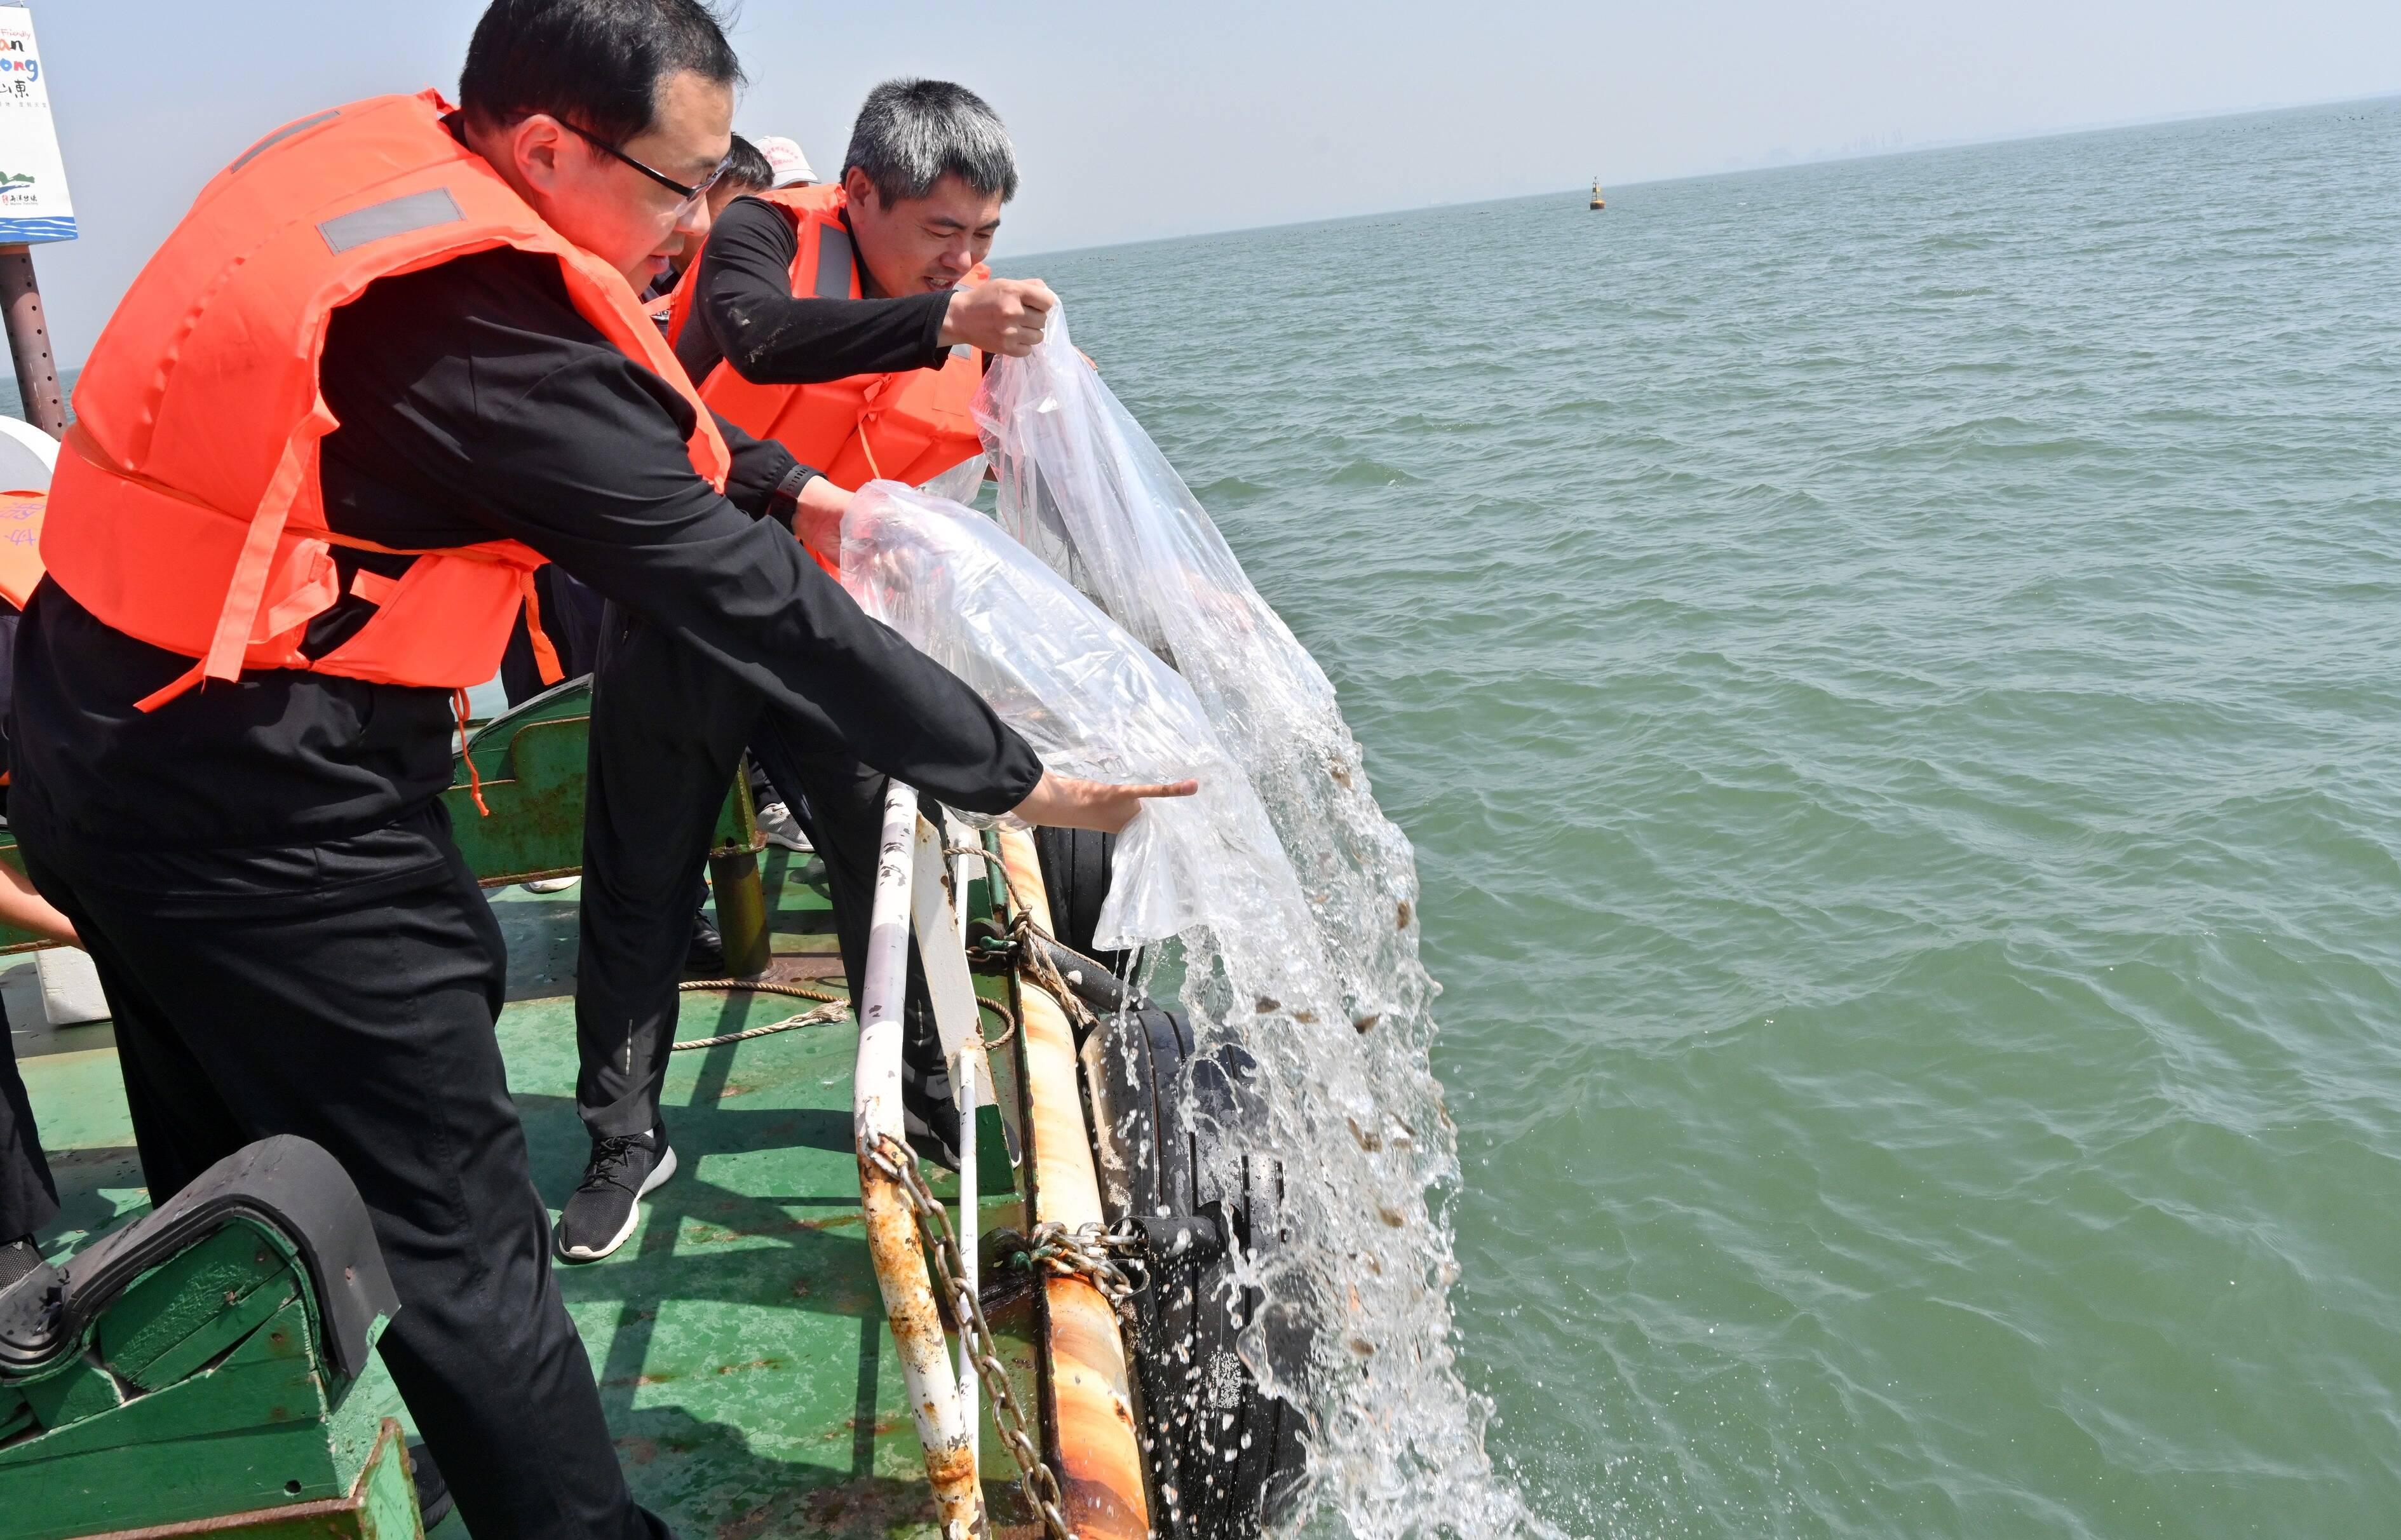 日照开展海洋增殖放流 保护海洋生物多样性